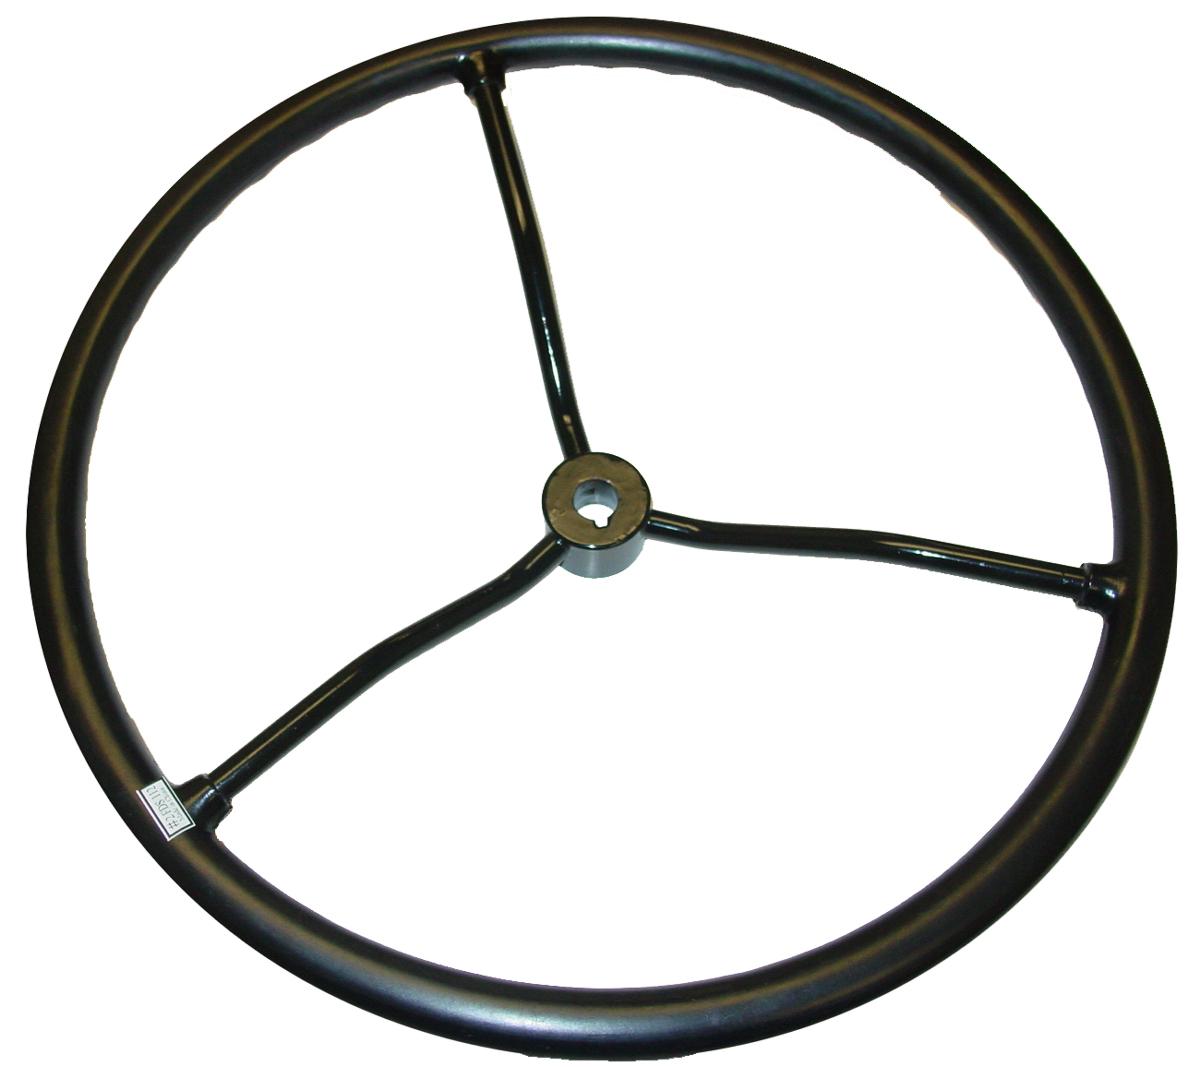 Tractor Steering Wheel Console : Steering wheel n ford